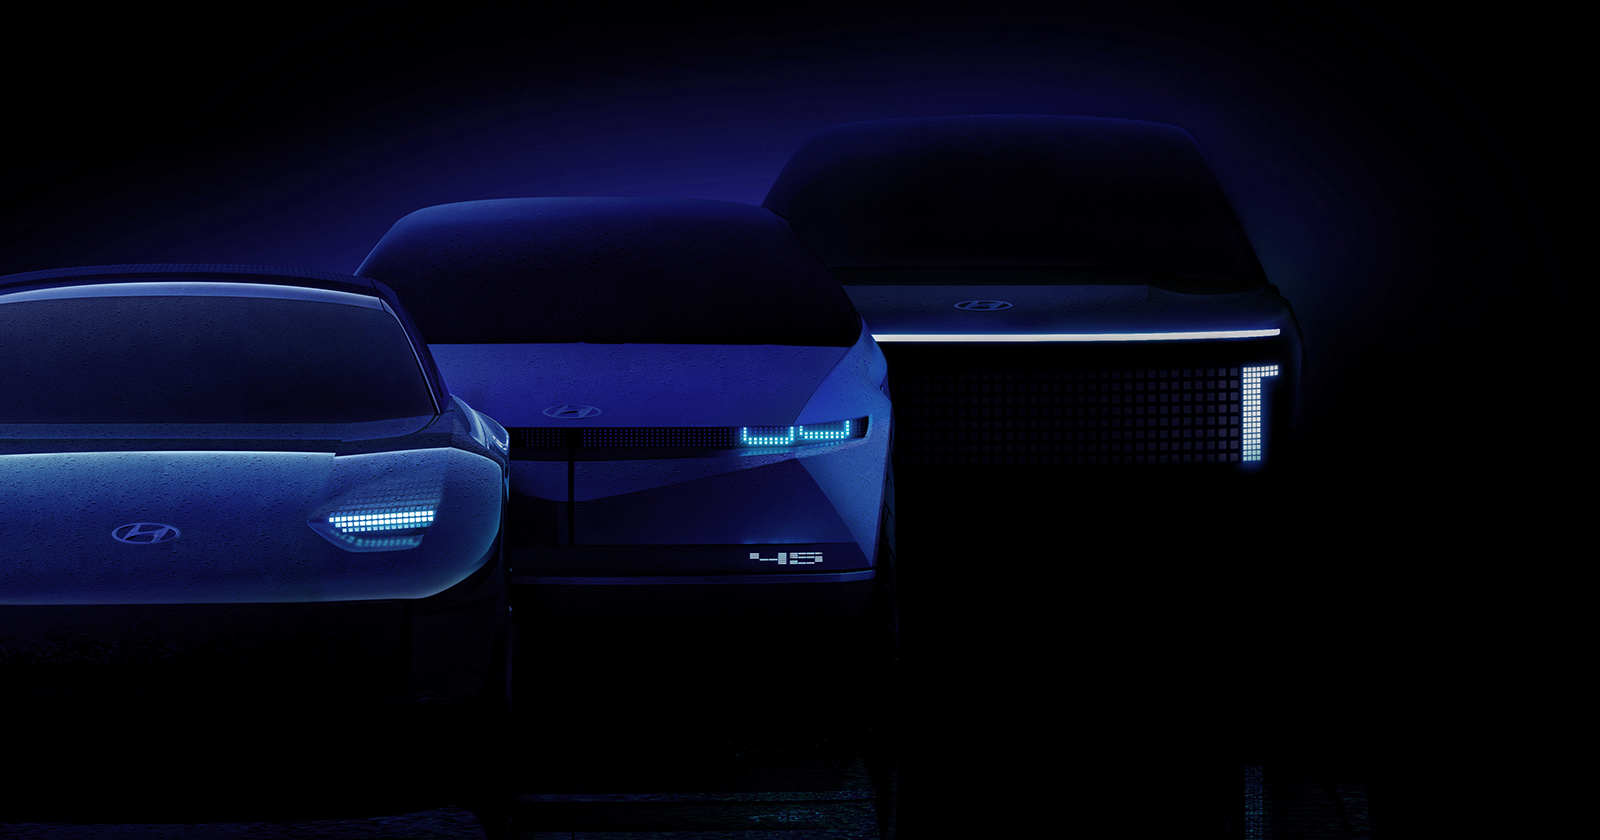 The New Hyundai IONIQ Range